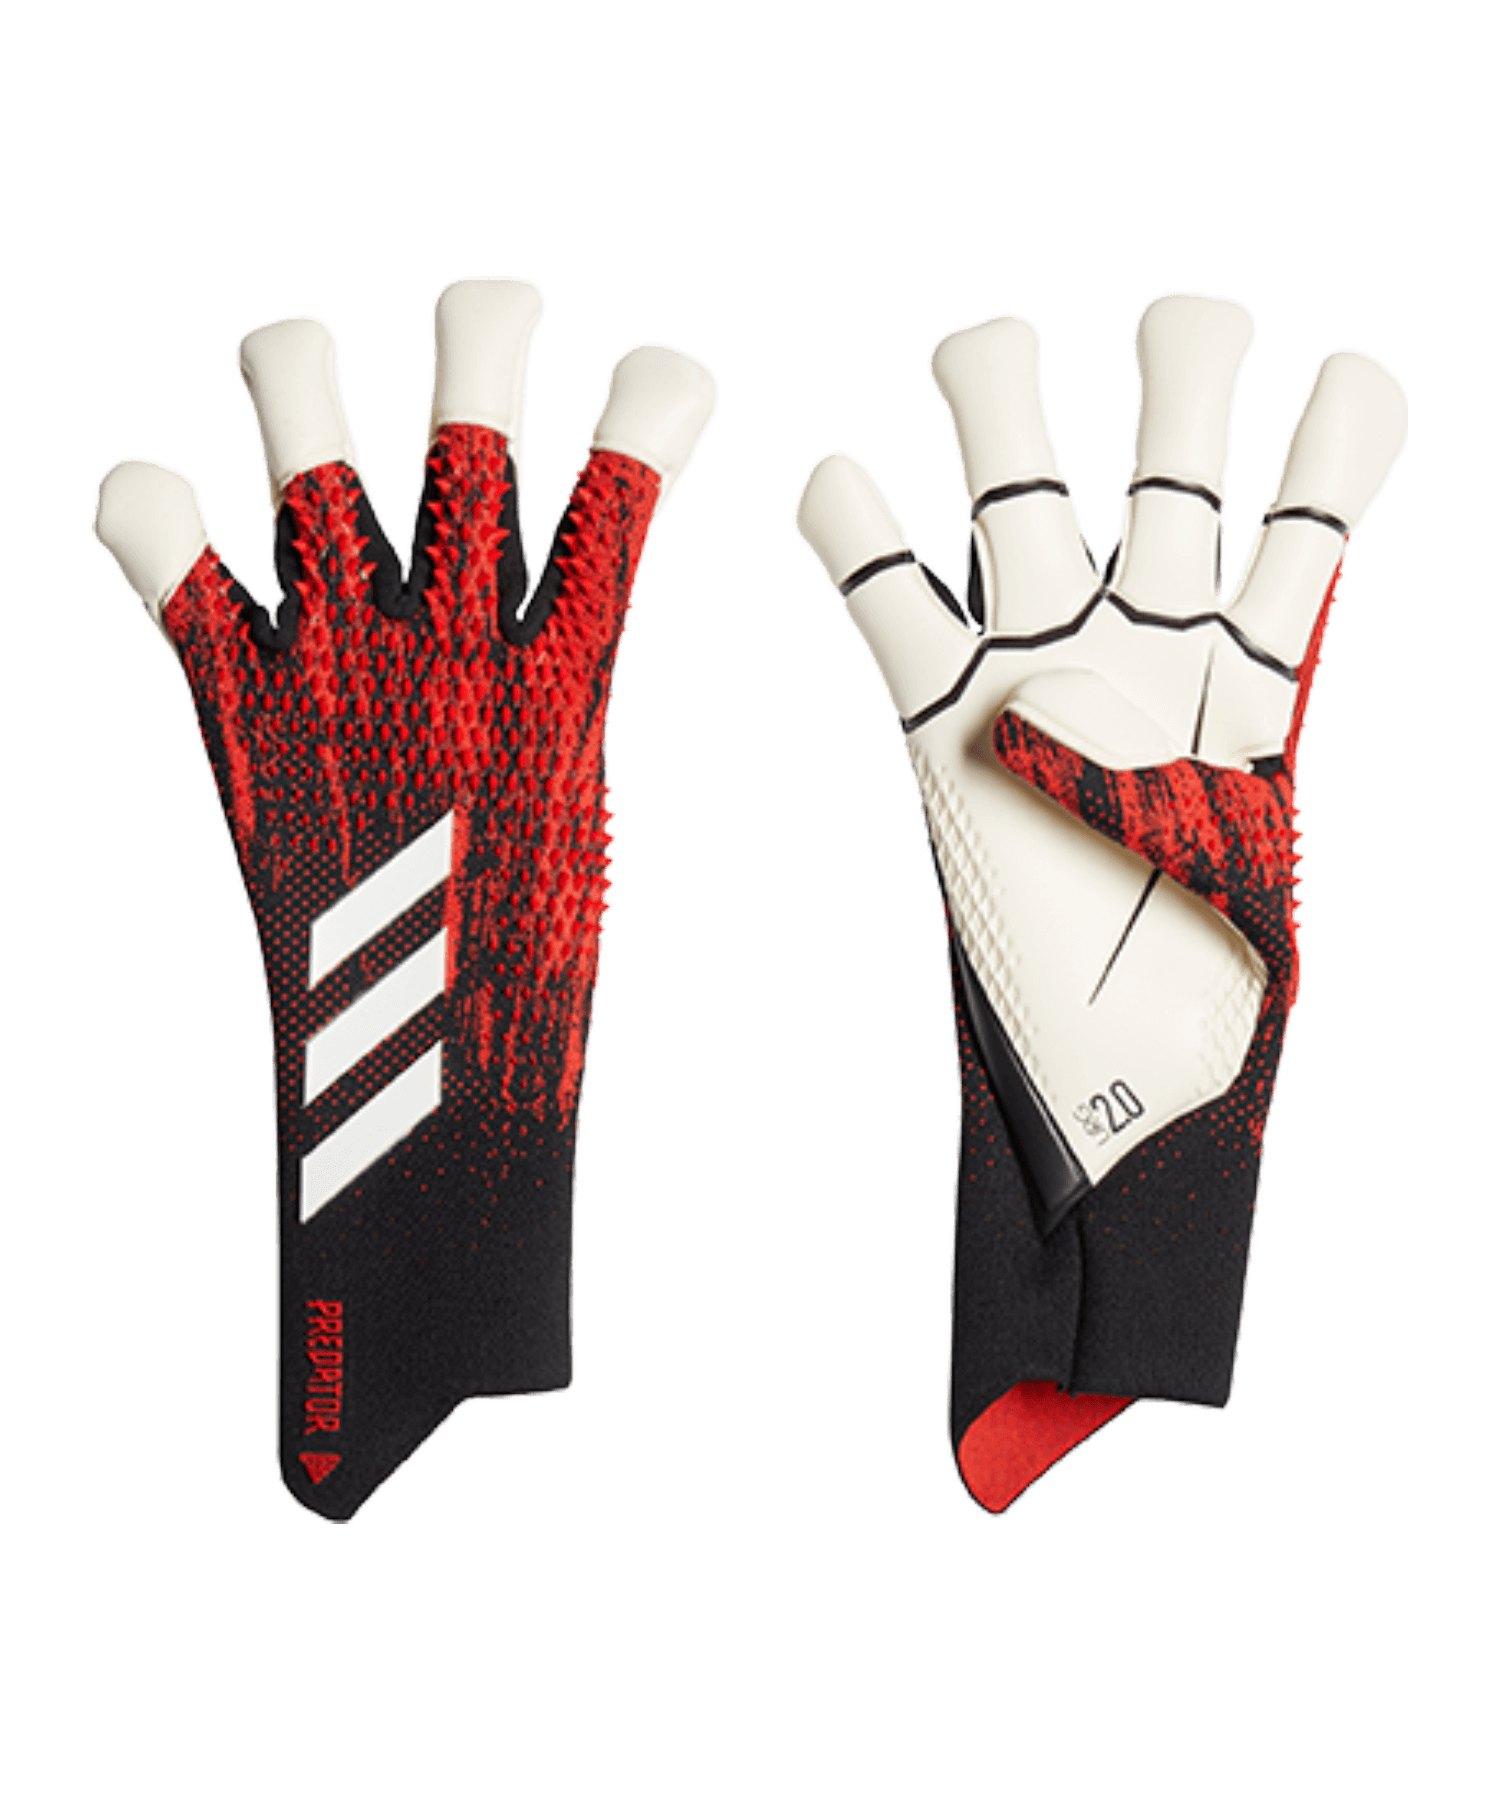 adidas Predator Pro Hybrid TW-Handschuh Schwarz - schwarz